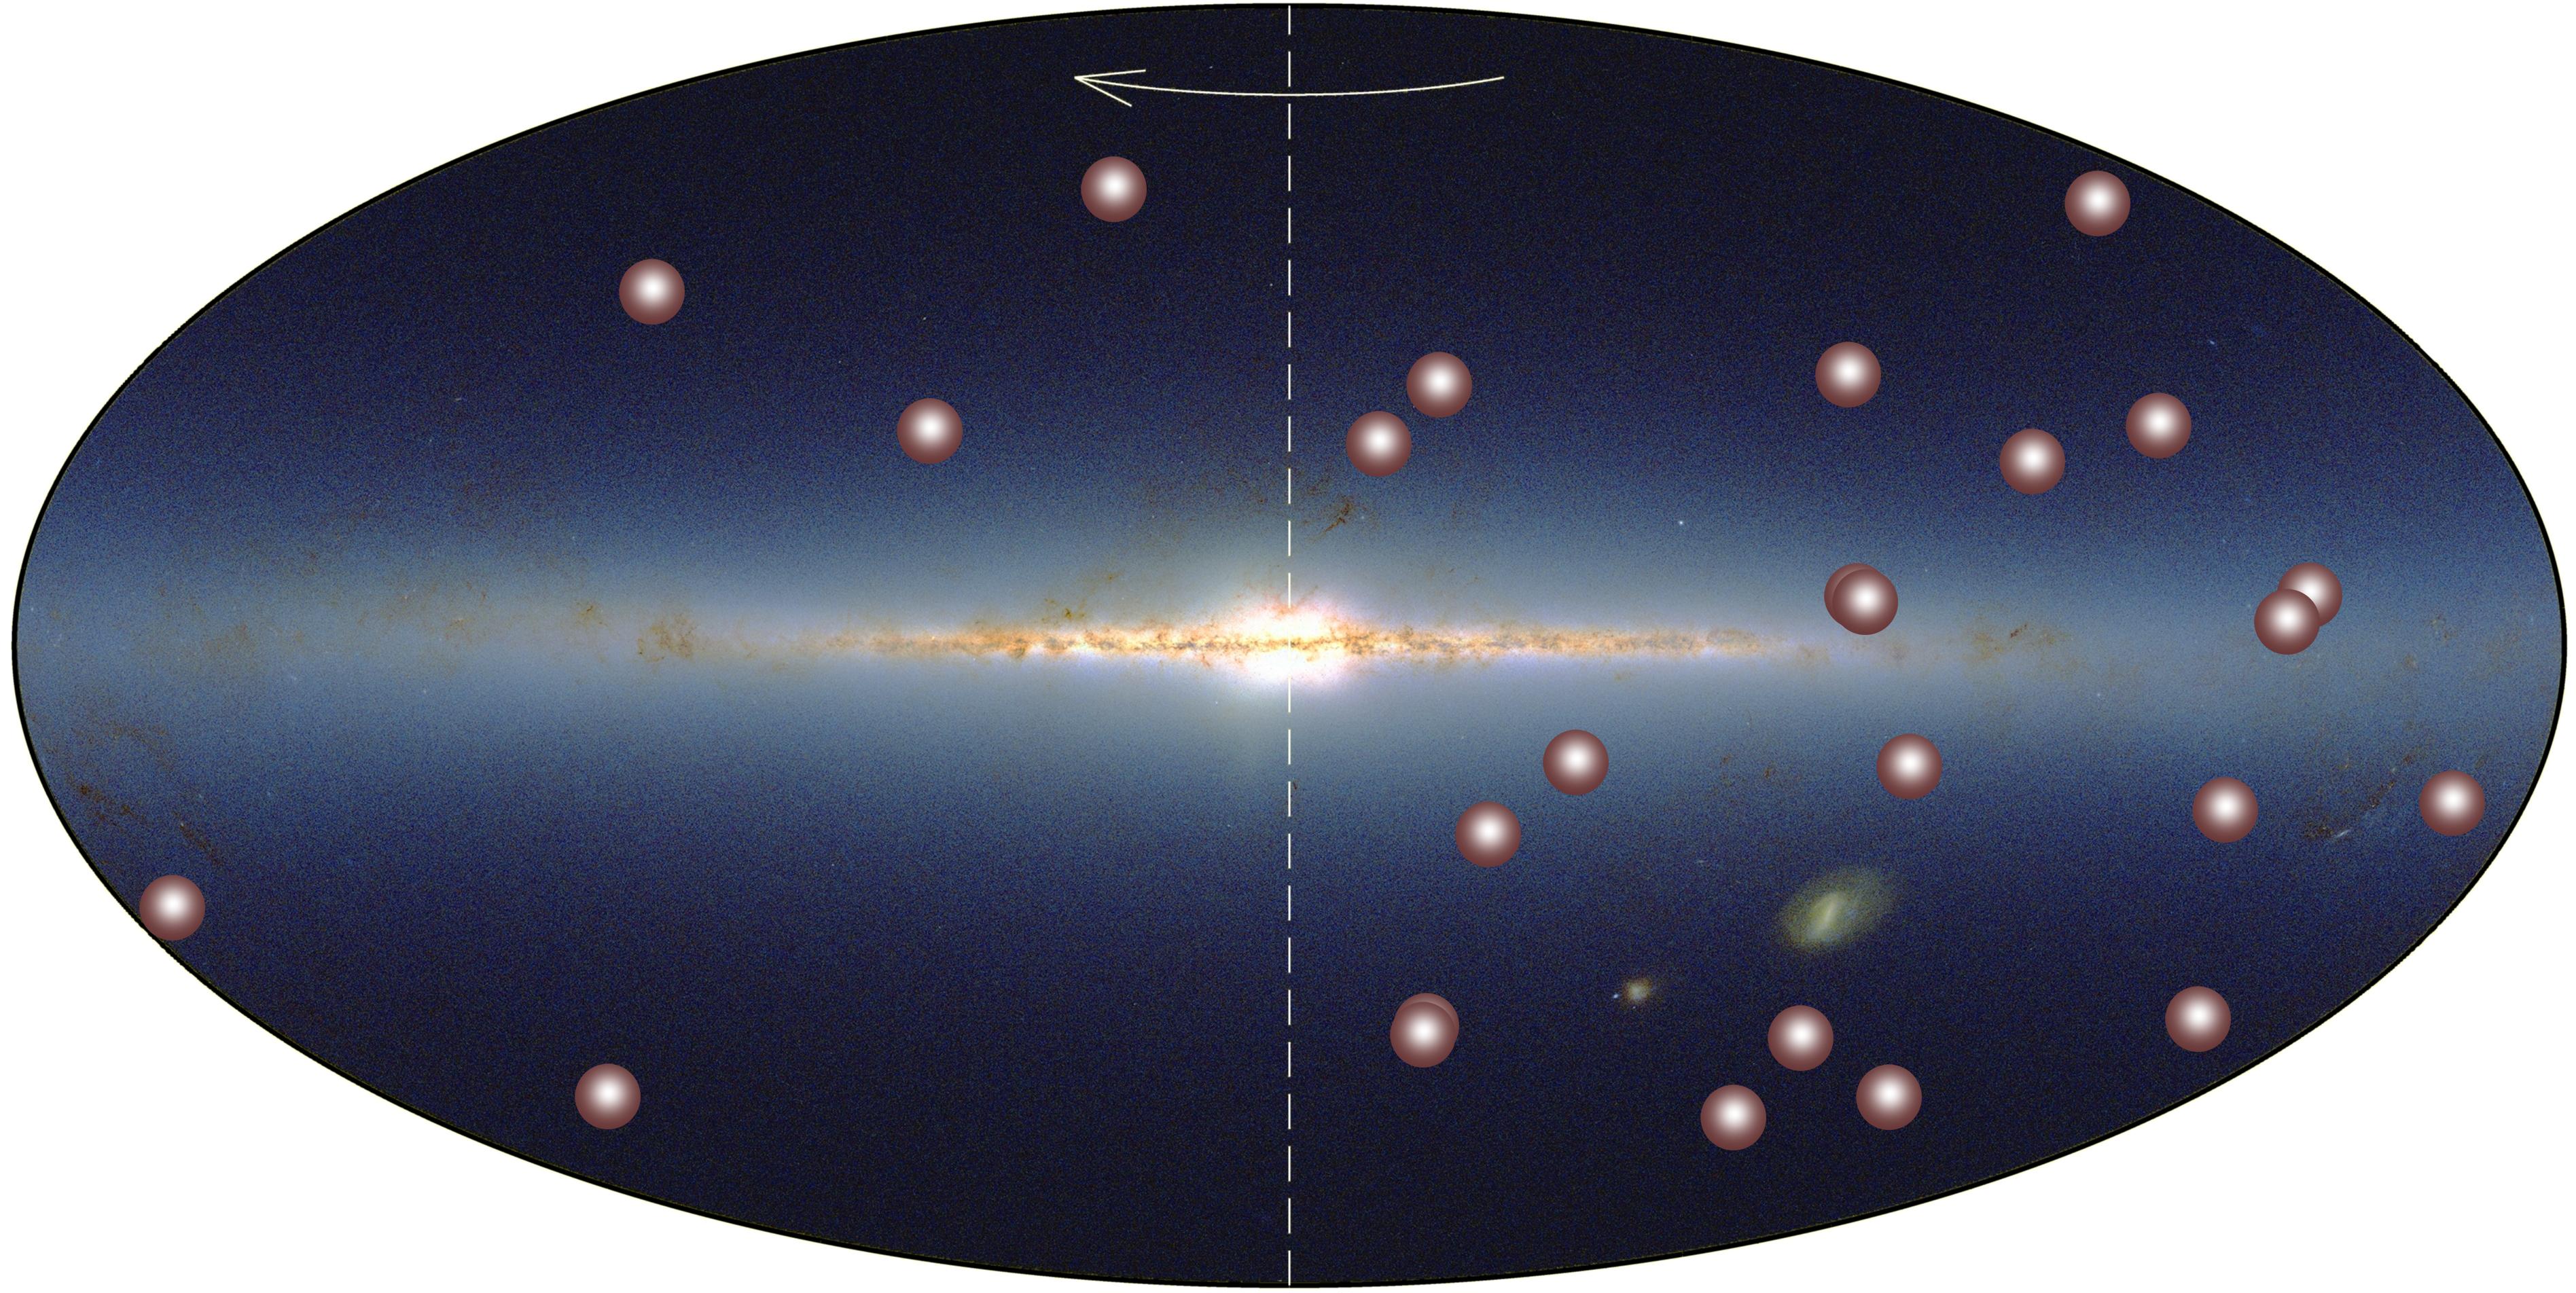 La distribuzione delle nane brune conosciute nelle vicinanze del Sole (entro 6.5 parsec). La freccia indica la rotazione della Via Lattea e la linea a trattini separa i due emisferi con una popolazione decisamente diversa. Fonte: AIP/2MASS.